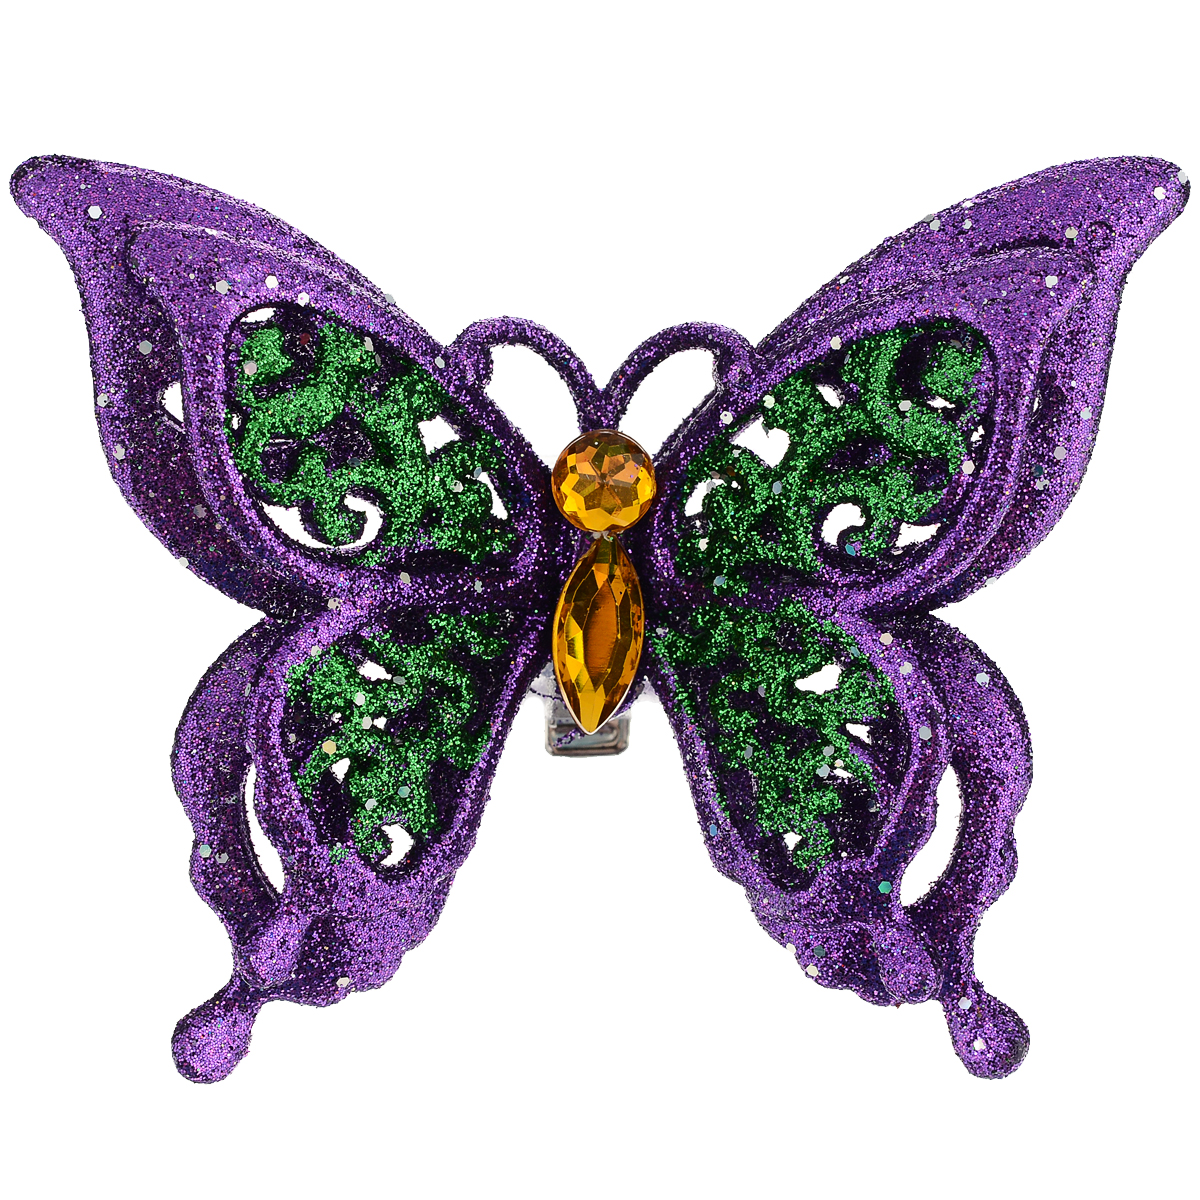 Новогоднее украшение Бабочка, цвет: фиолетовый. 3507434432Оригинальное новогоднее украшение из пластика прекрасно подойдет для праздничного декора дома и новогодней ели. Изделие крепится на елку с помощью металлического зажима.